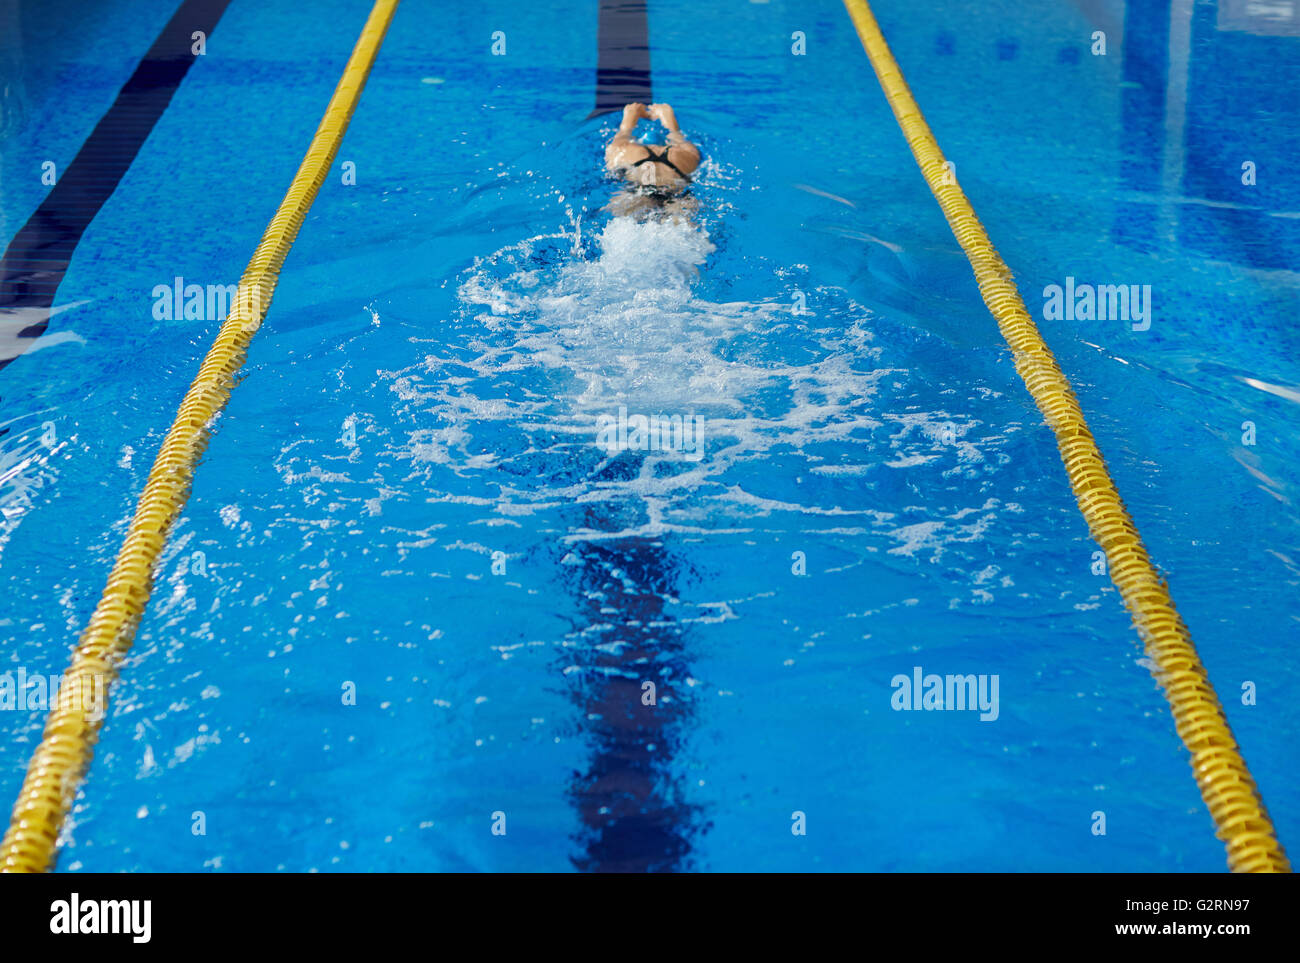 Mujer nadando Imagen De Stock